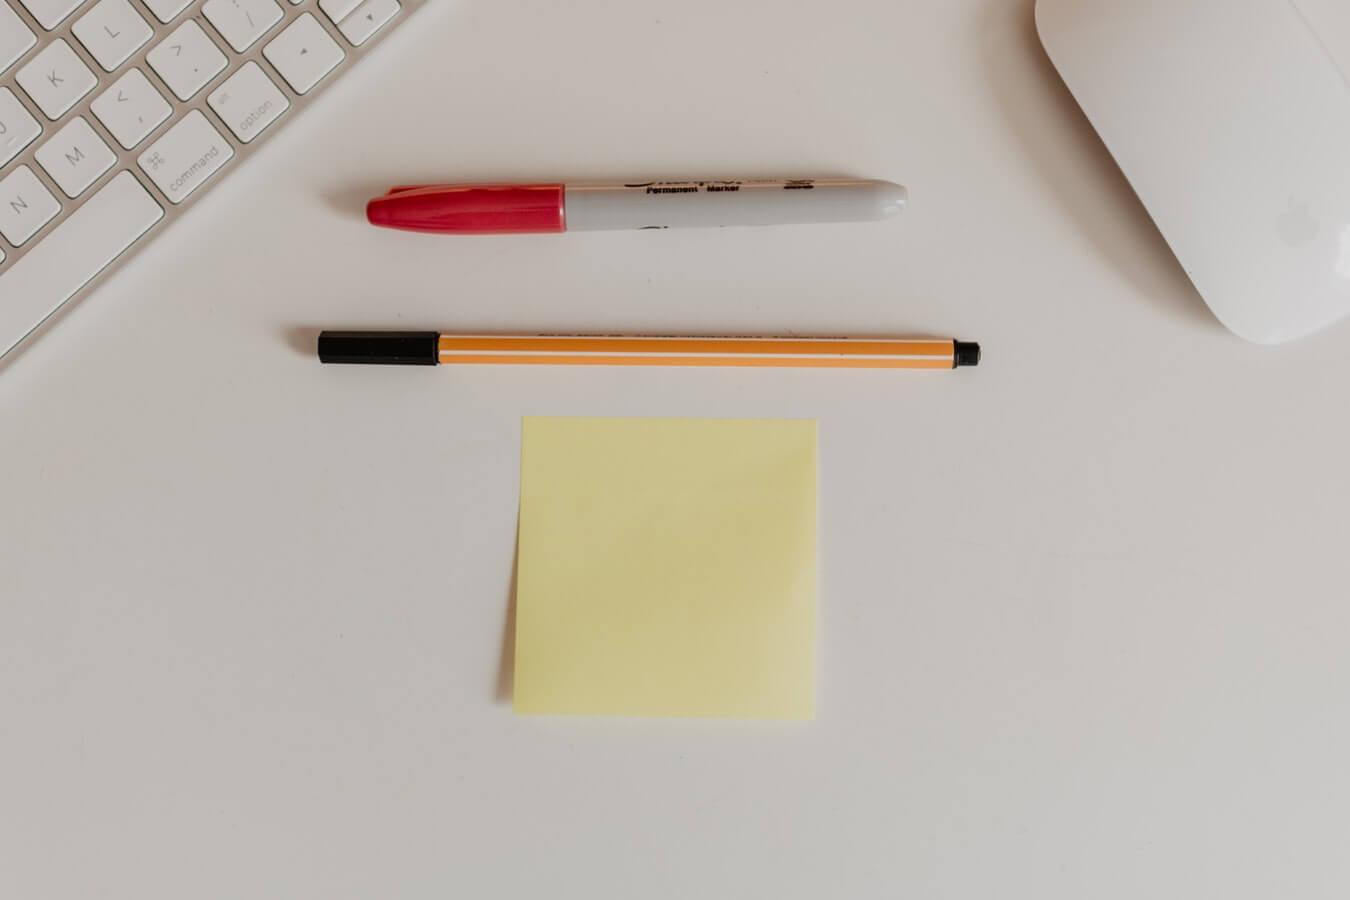 markeri pribor za pisanje